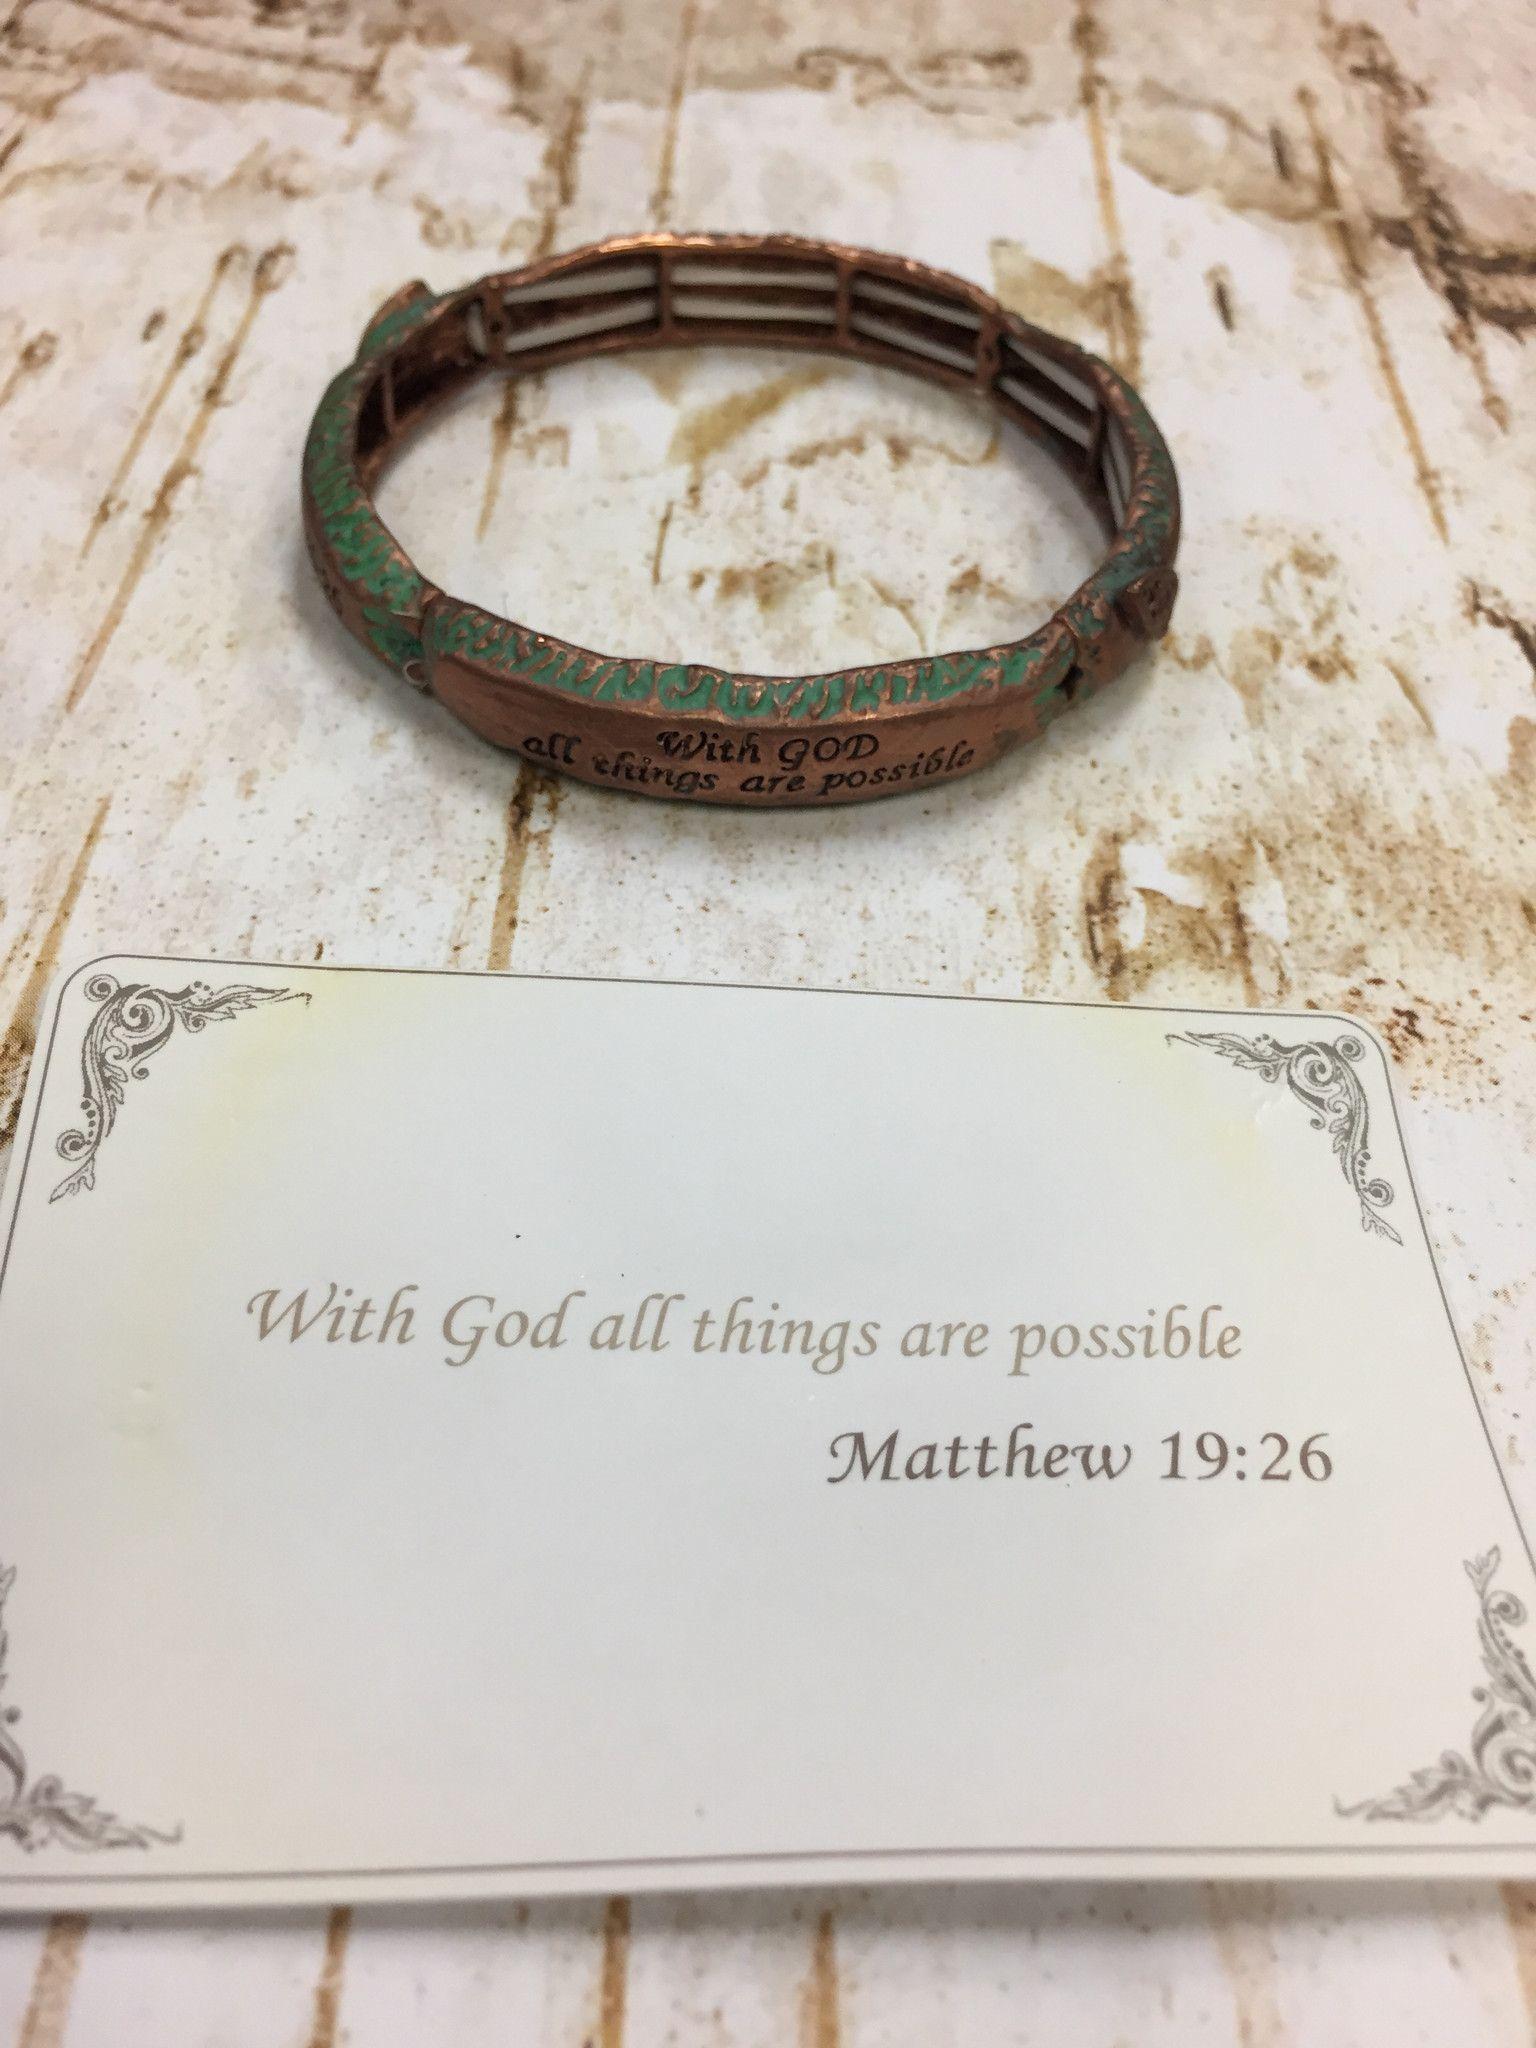 Matthew 19:26 Bracelet